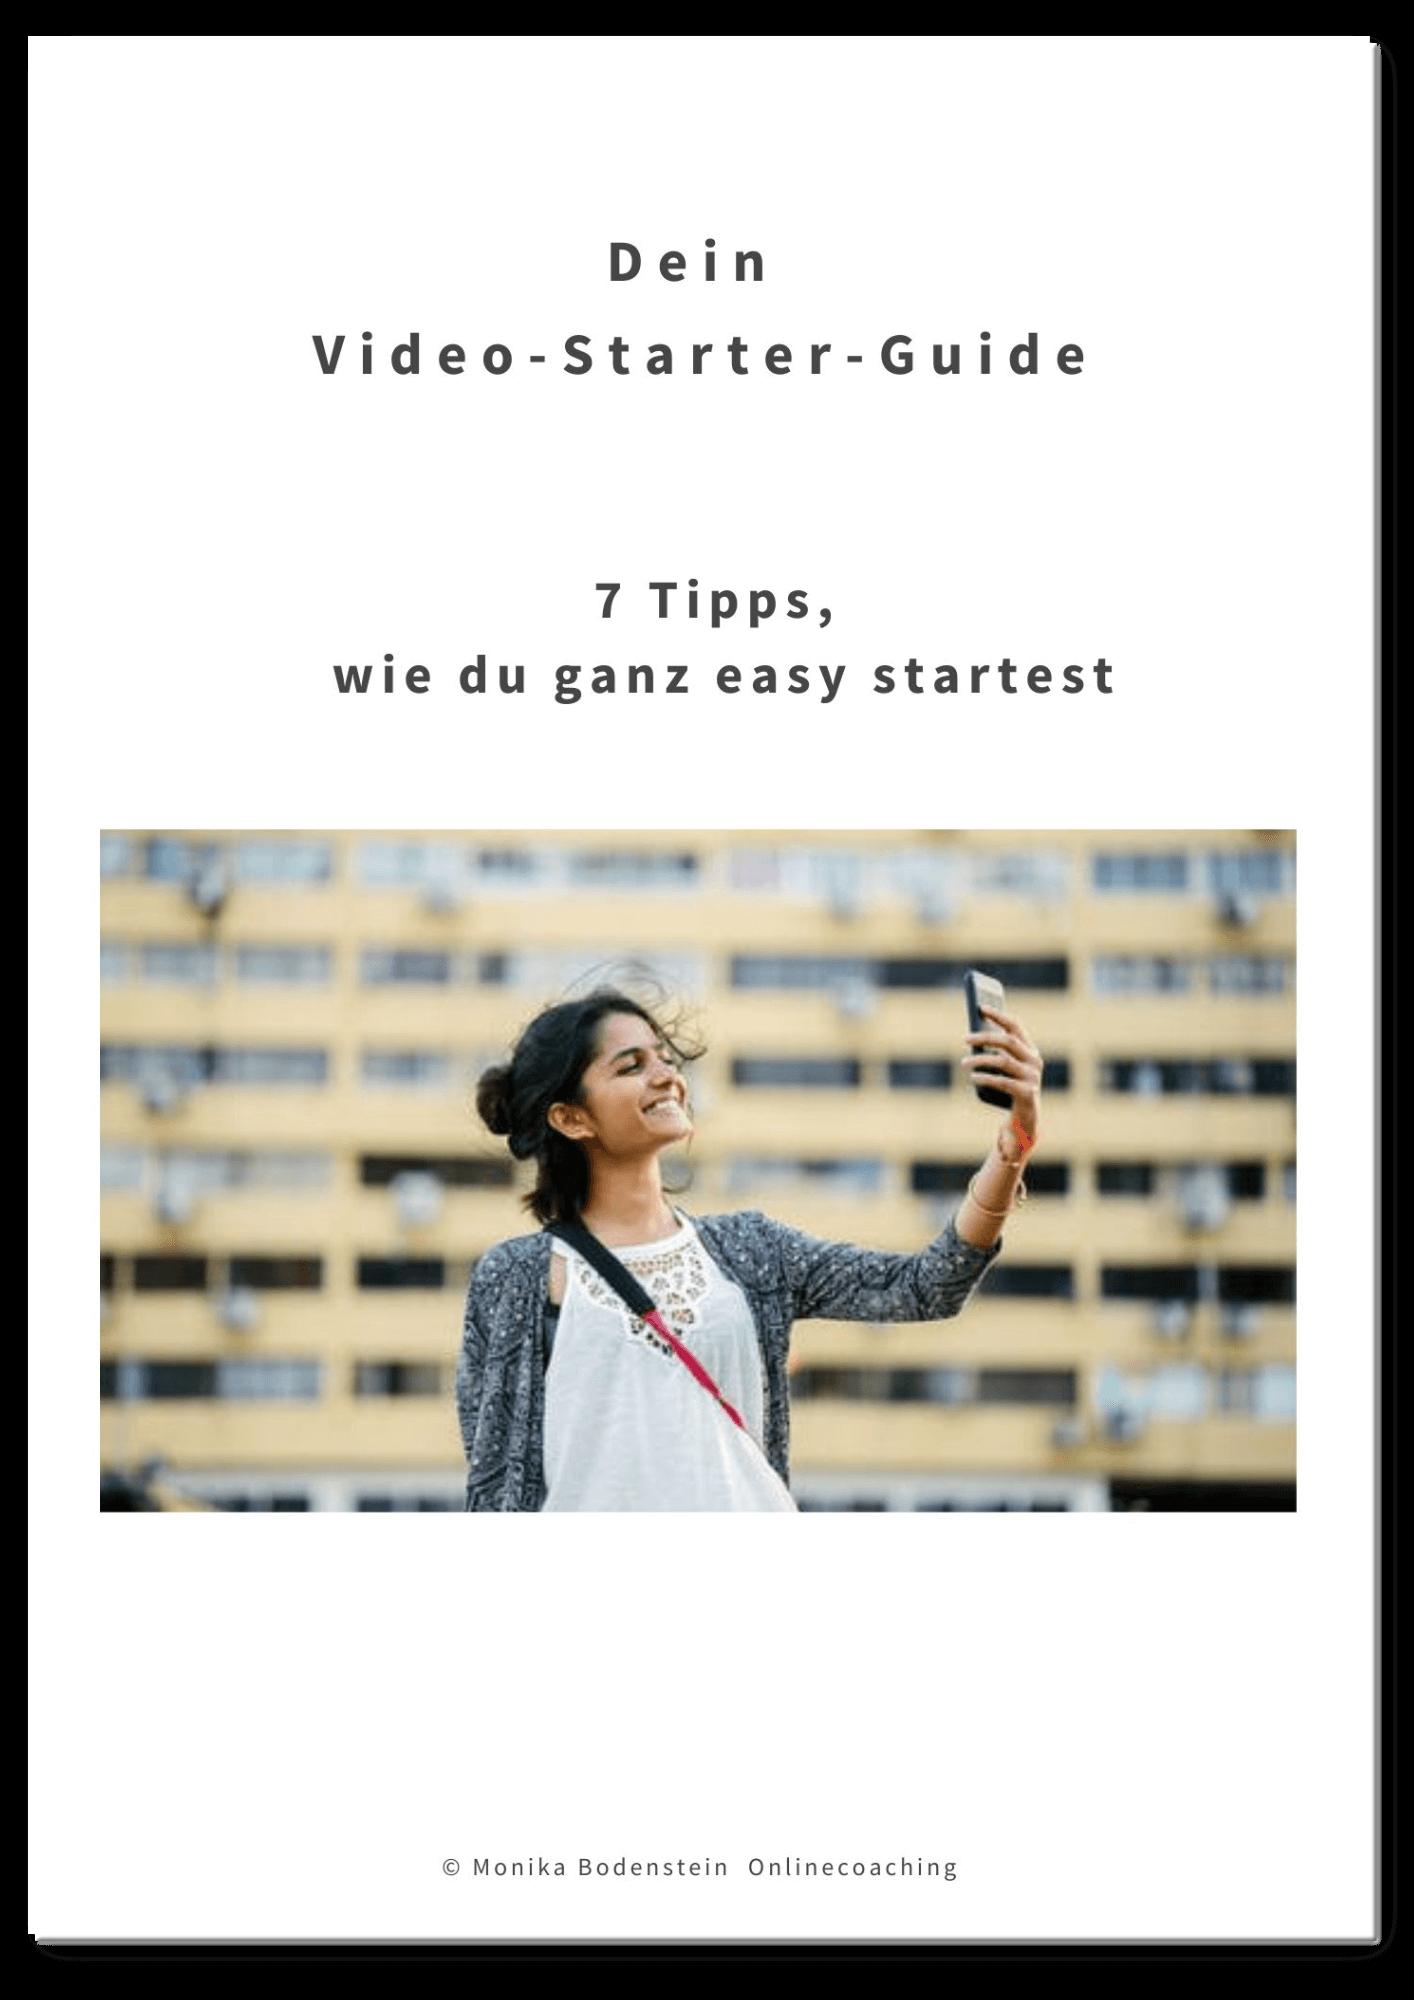 Dein Video-Starter-Guide von Monika Bodenstein